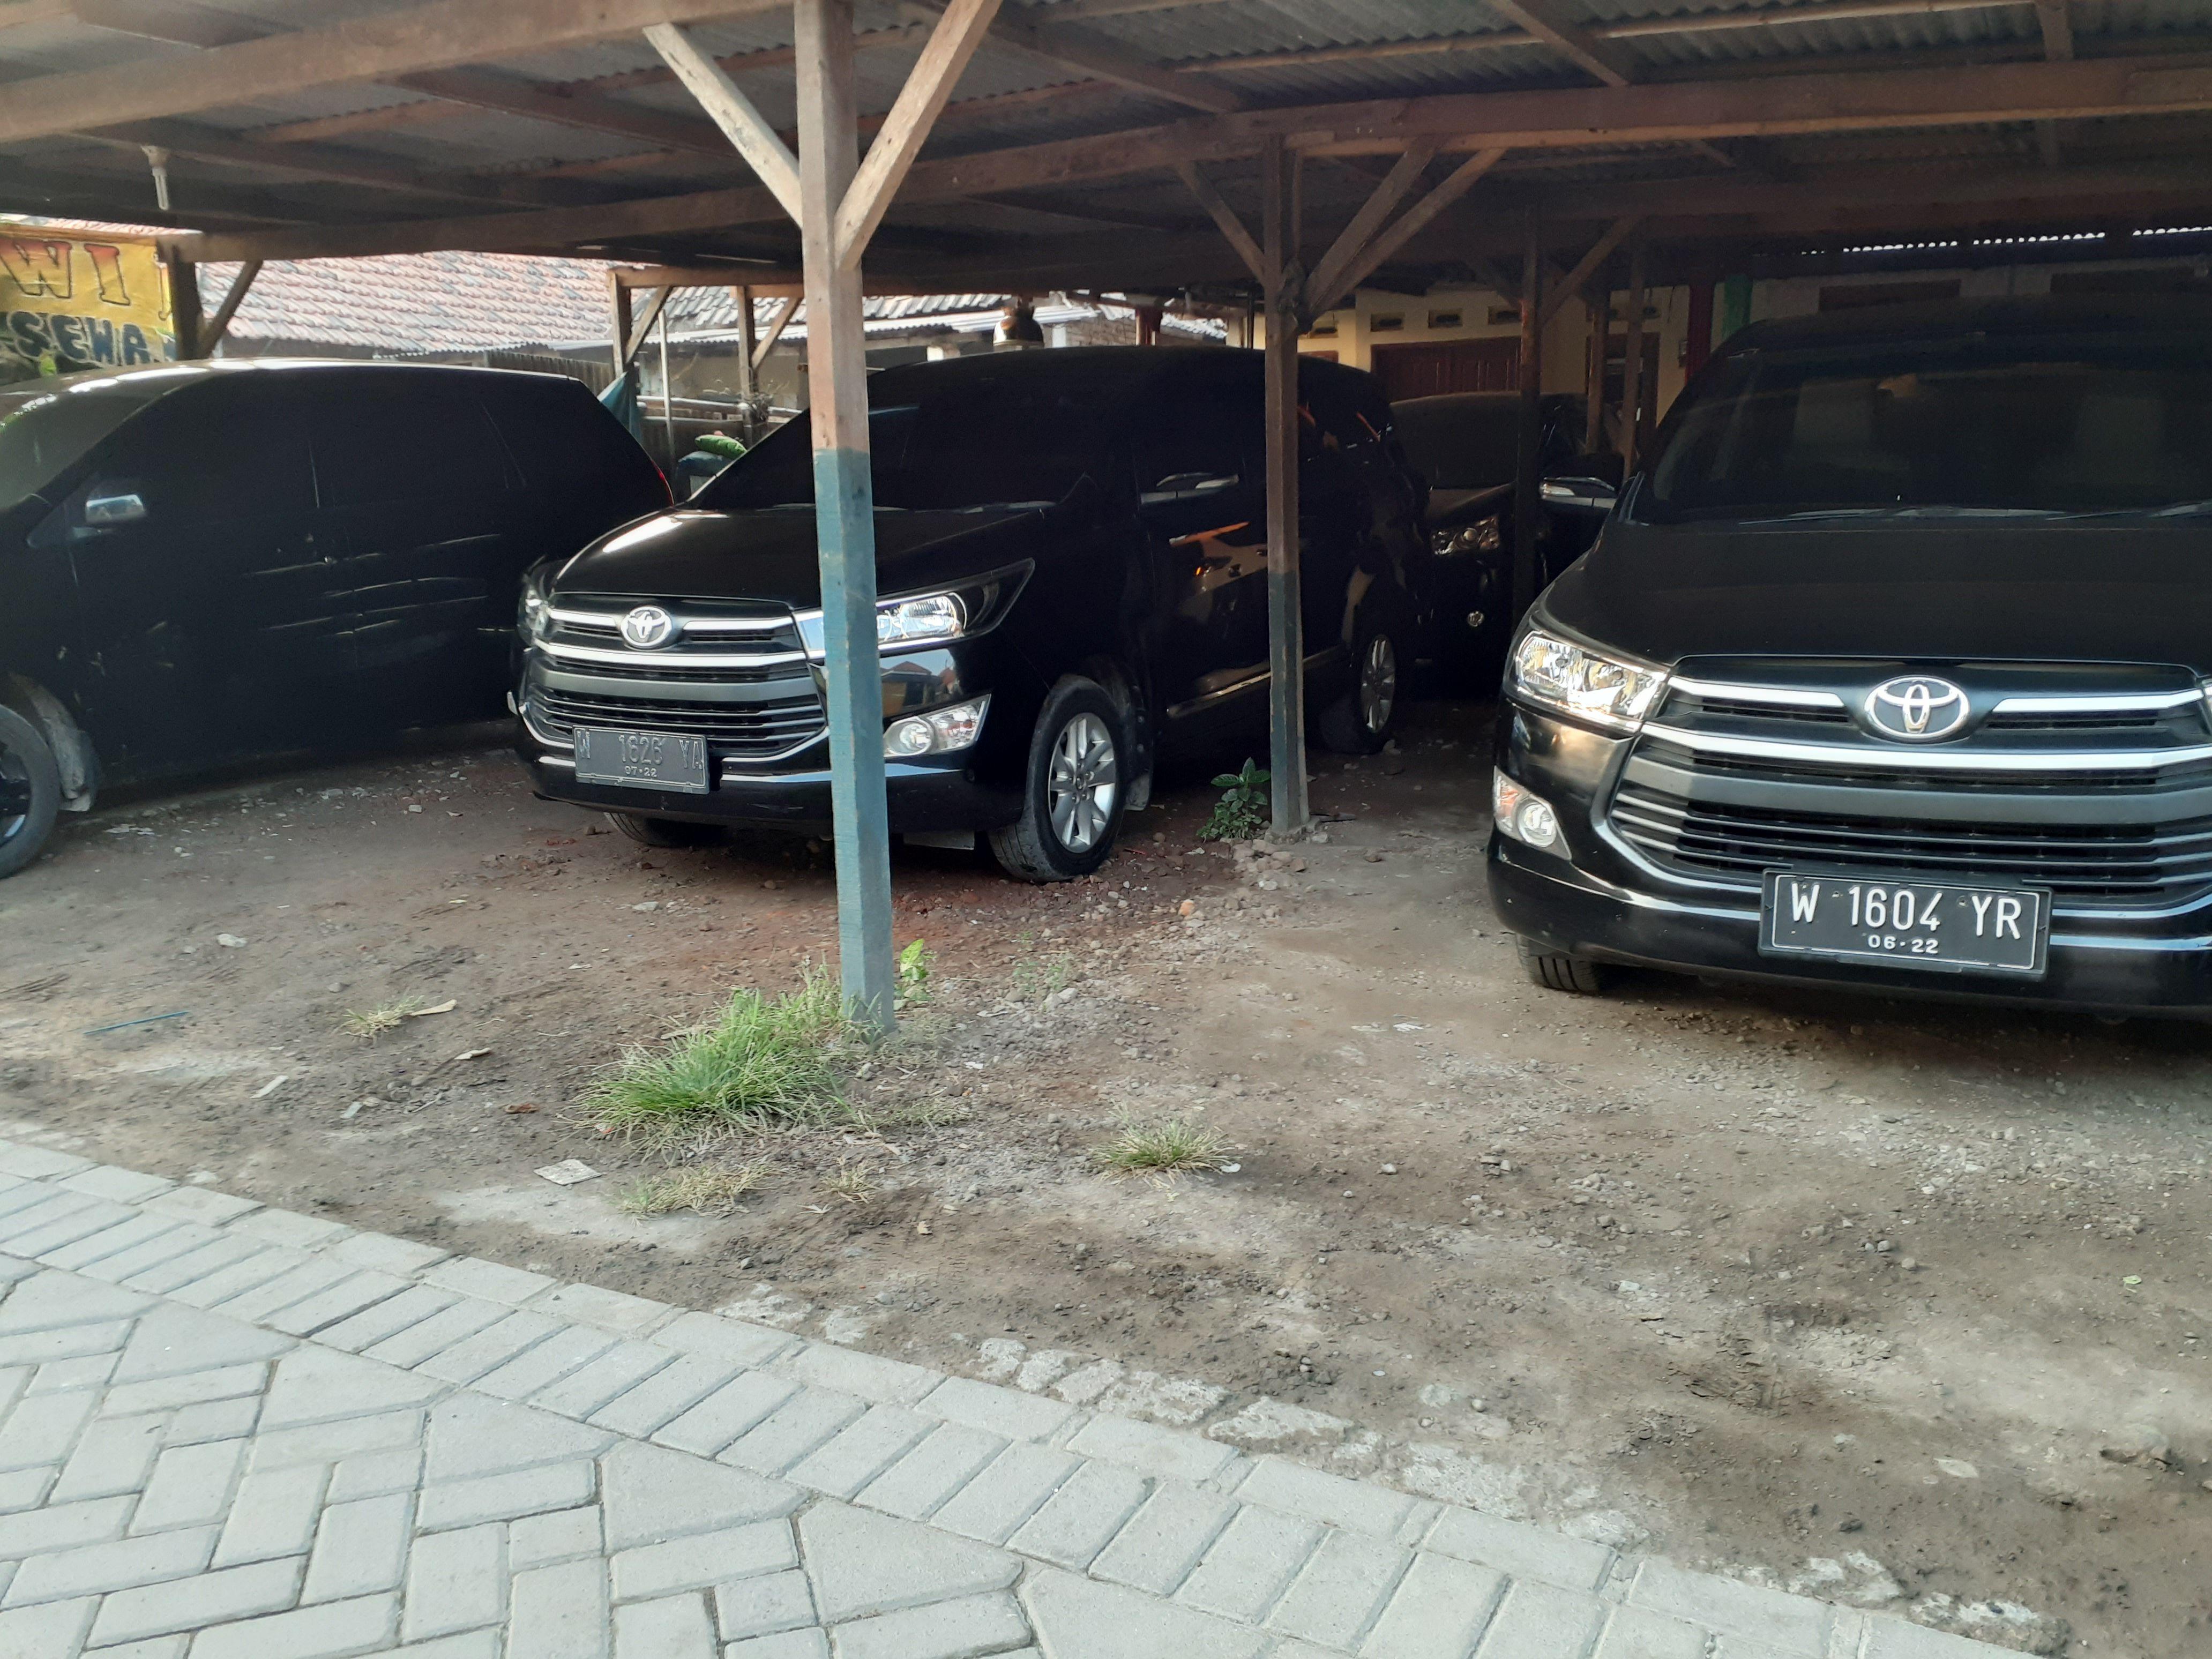 Sewa Mobil Murah Sidoarjo Www Dwijayatrans Com Mobil Mewah Surabaya Kemewahan